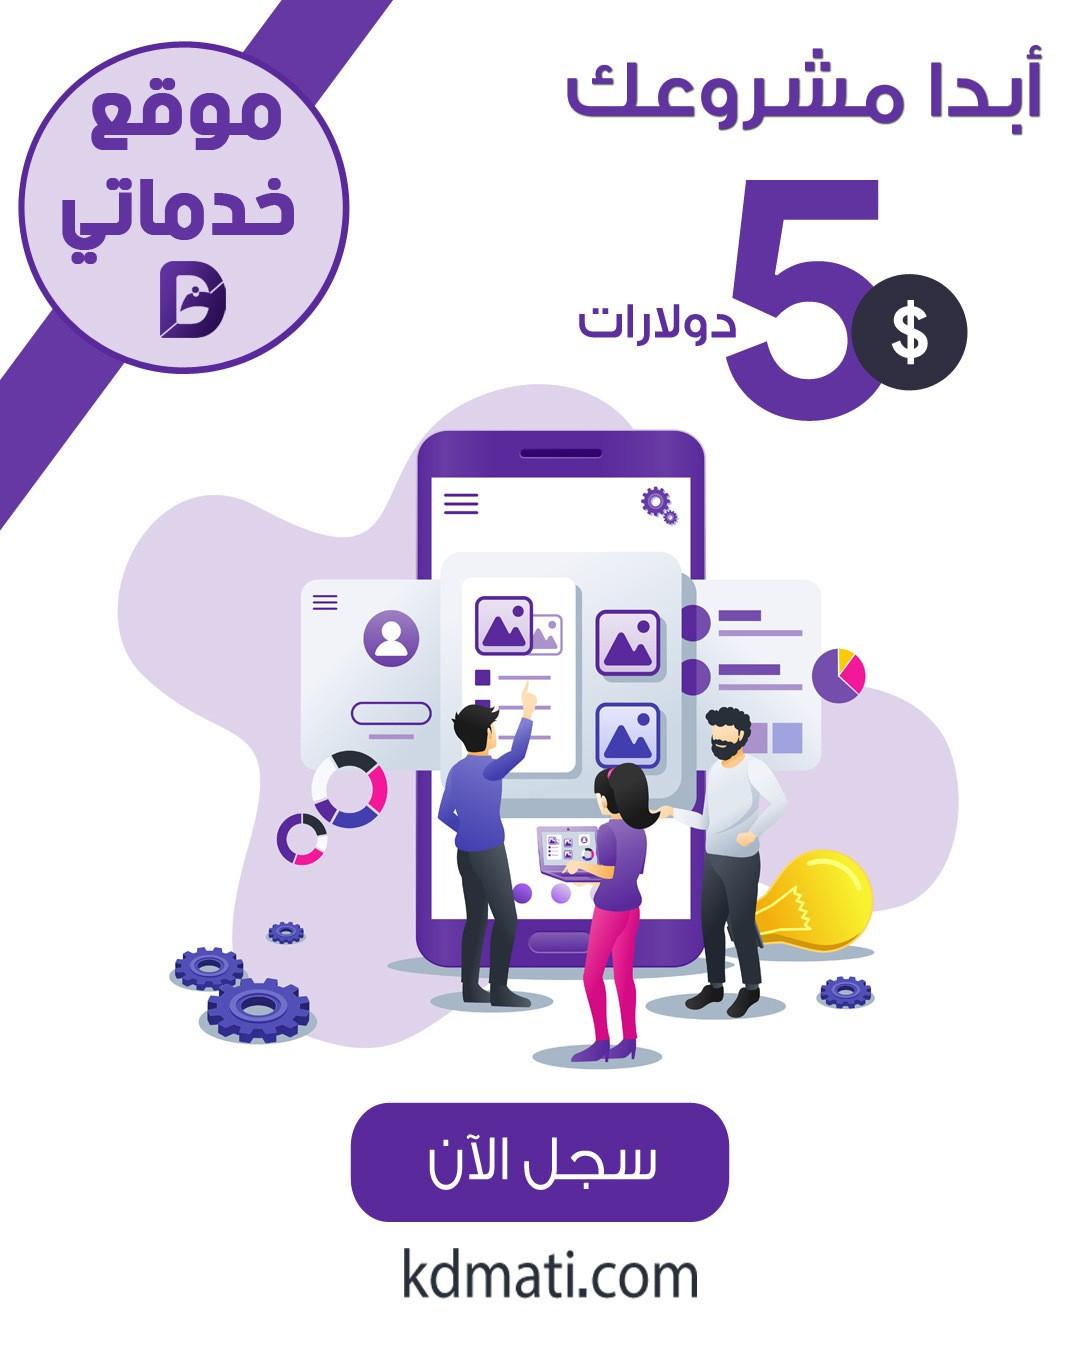 موقع خدماتى kdmati.com أكبر سوق عربي لبيع وشراء الخدمات المصغرة